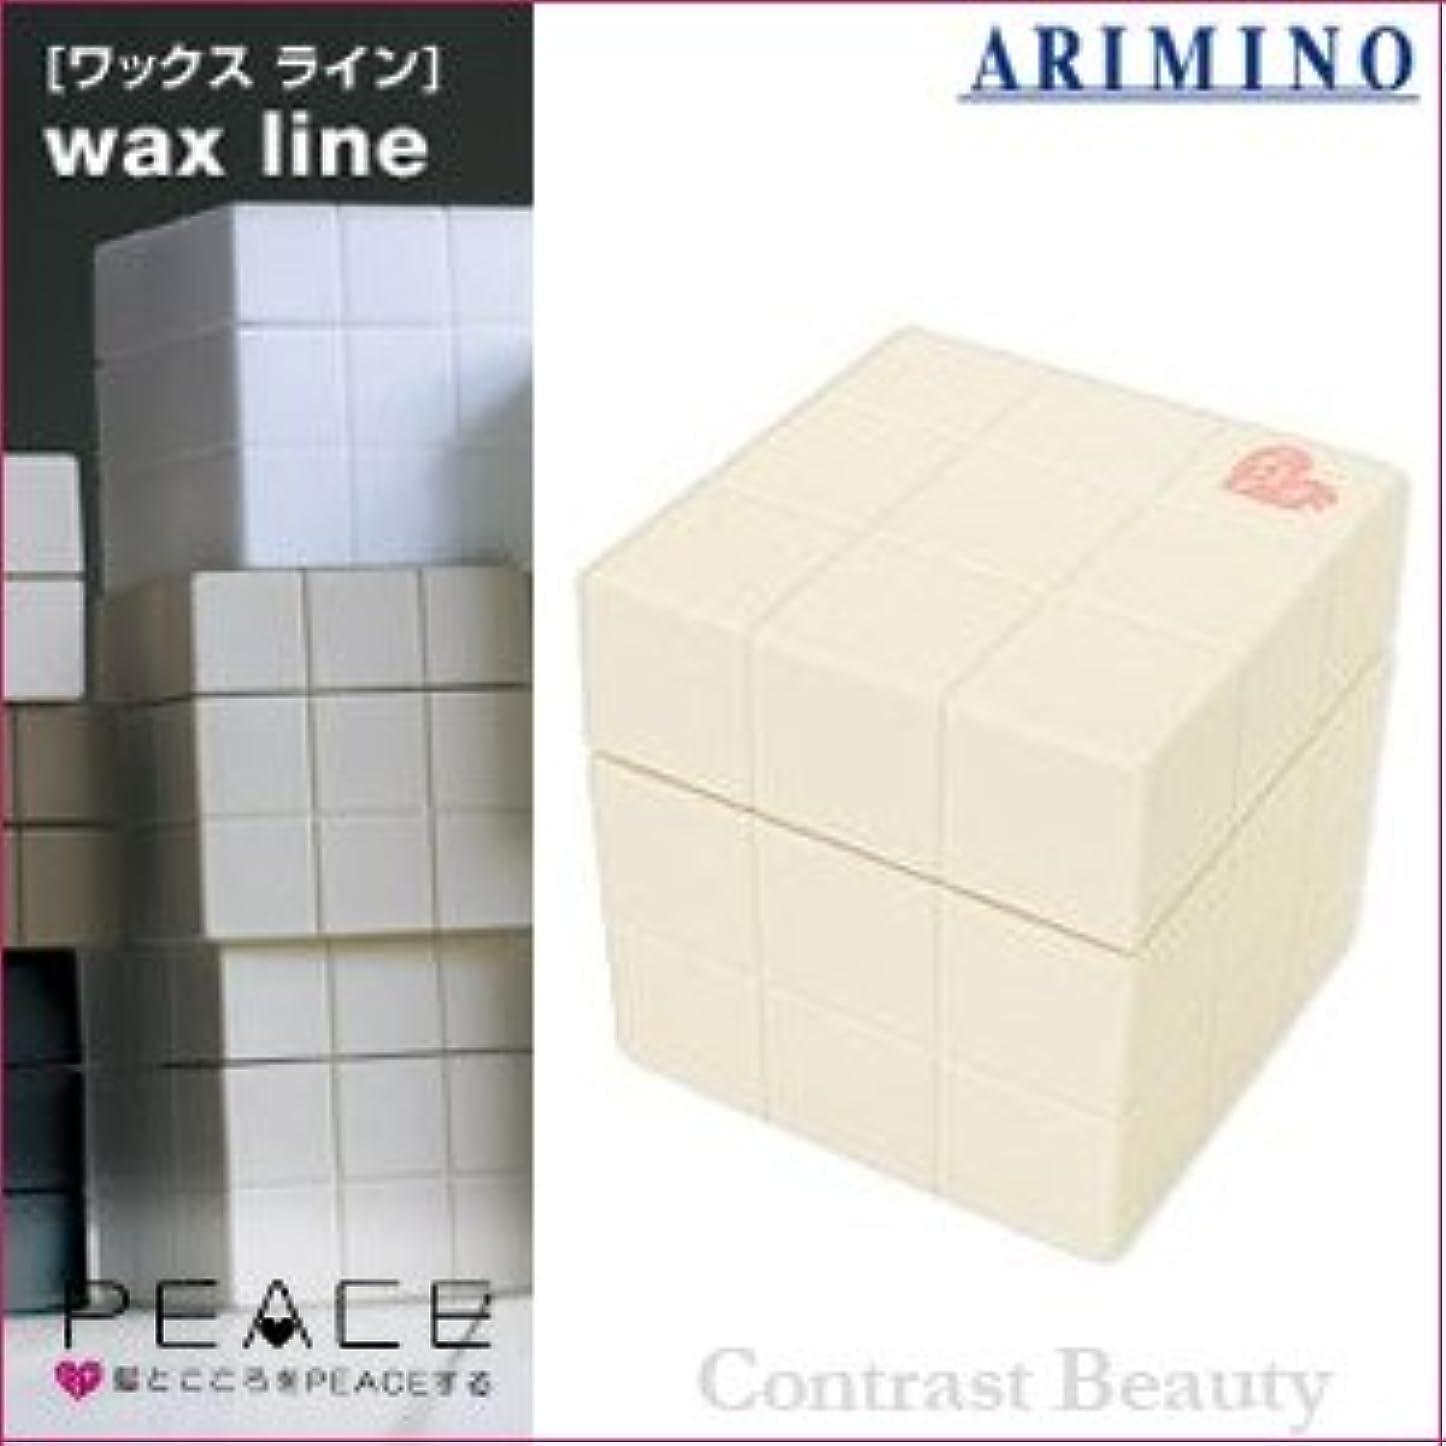 支援するエクステント熟考する【x2個セット】 アリミノ ピース プロデザインシリーズ ニュアンスワックス バニラ 80g